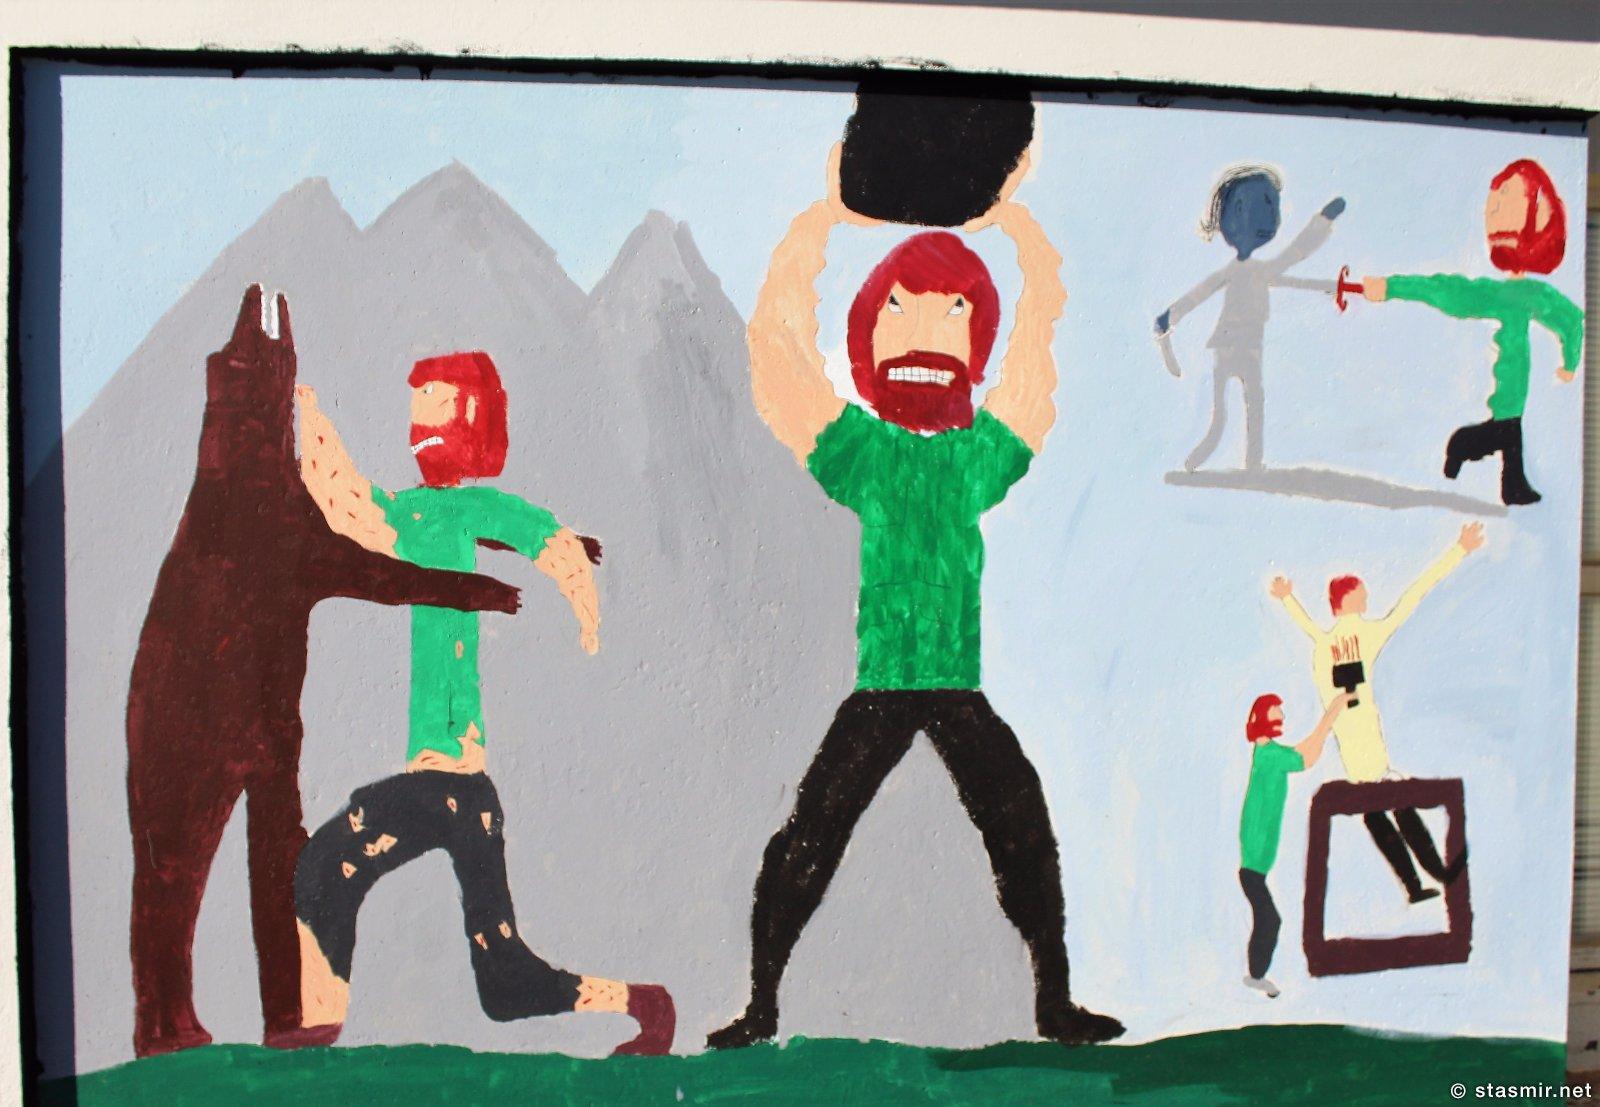 Сага о Греттире, рисунок исландского ребенка, фото Стасмир, photo Stasmir